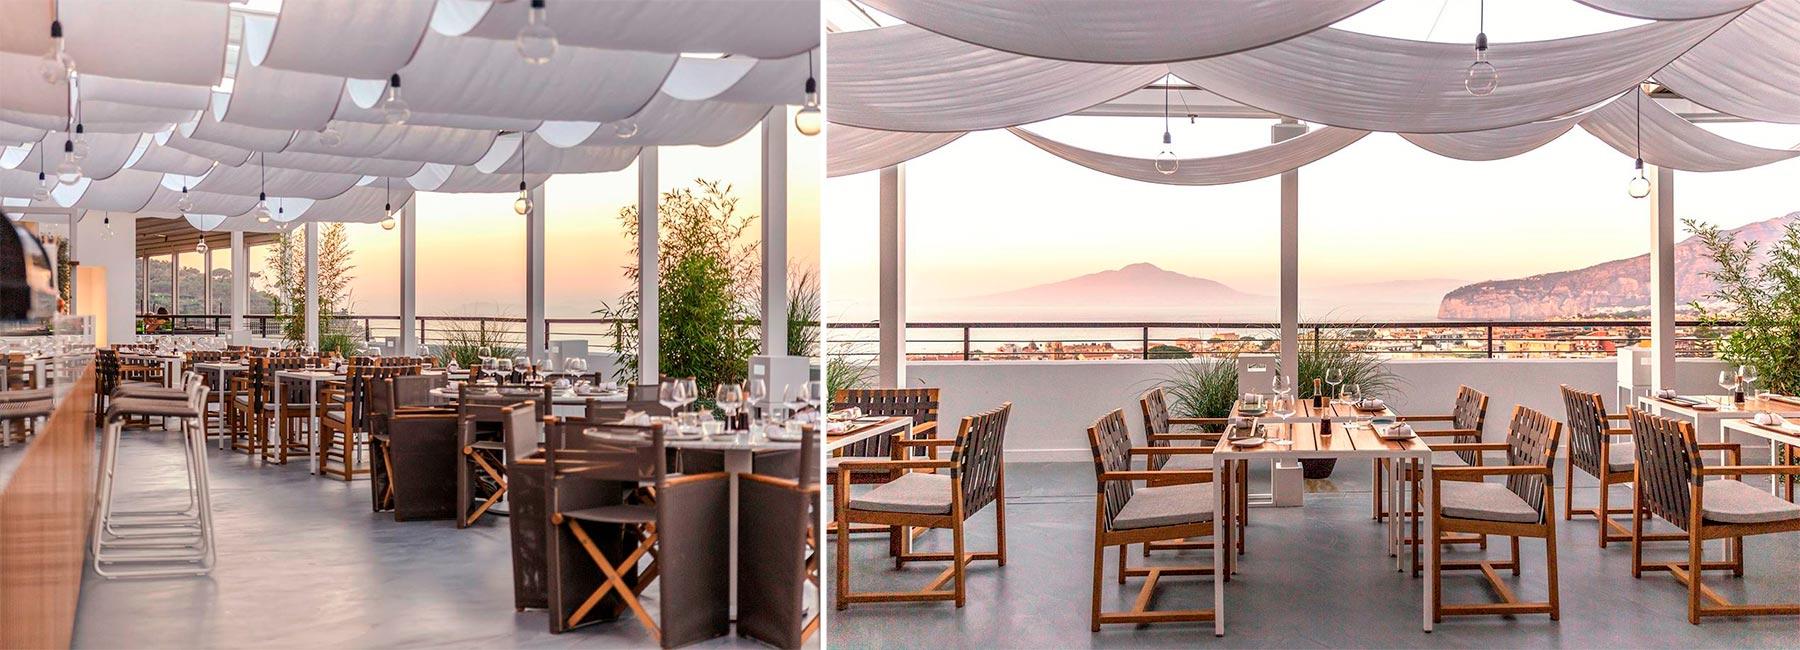 Дизайн ресторана японской кухни на открытой террасе от Fadd Architects